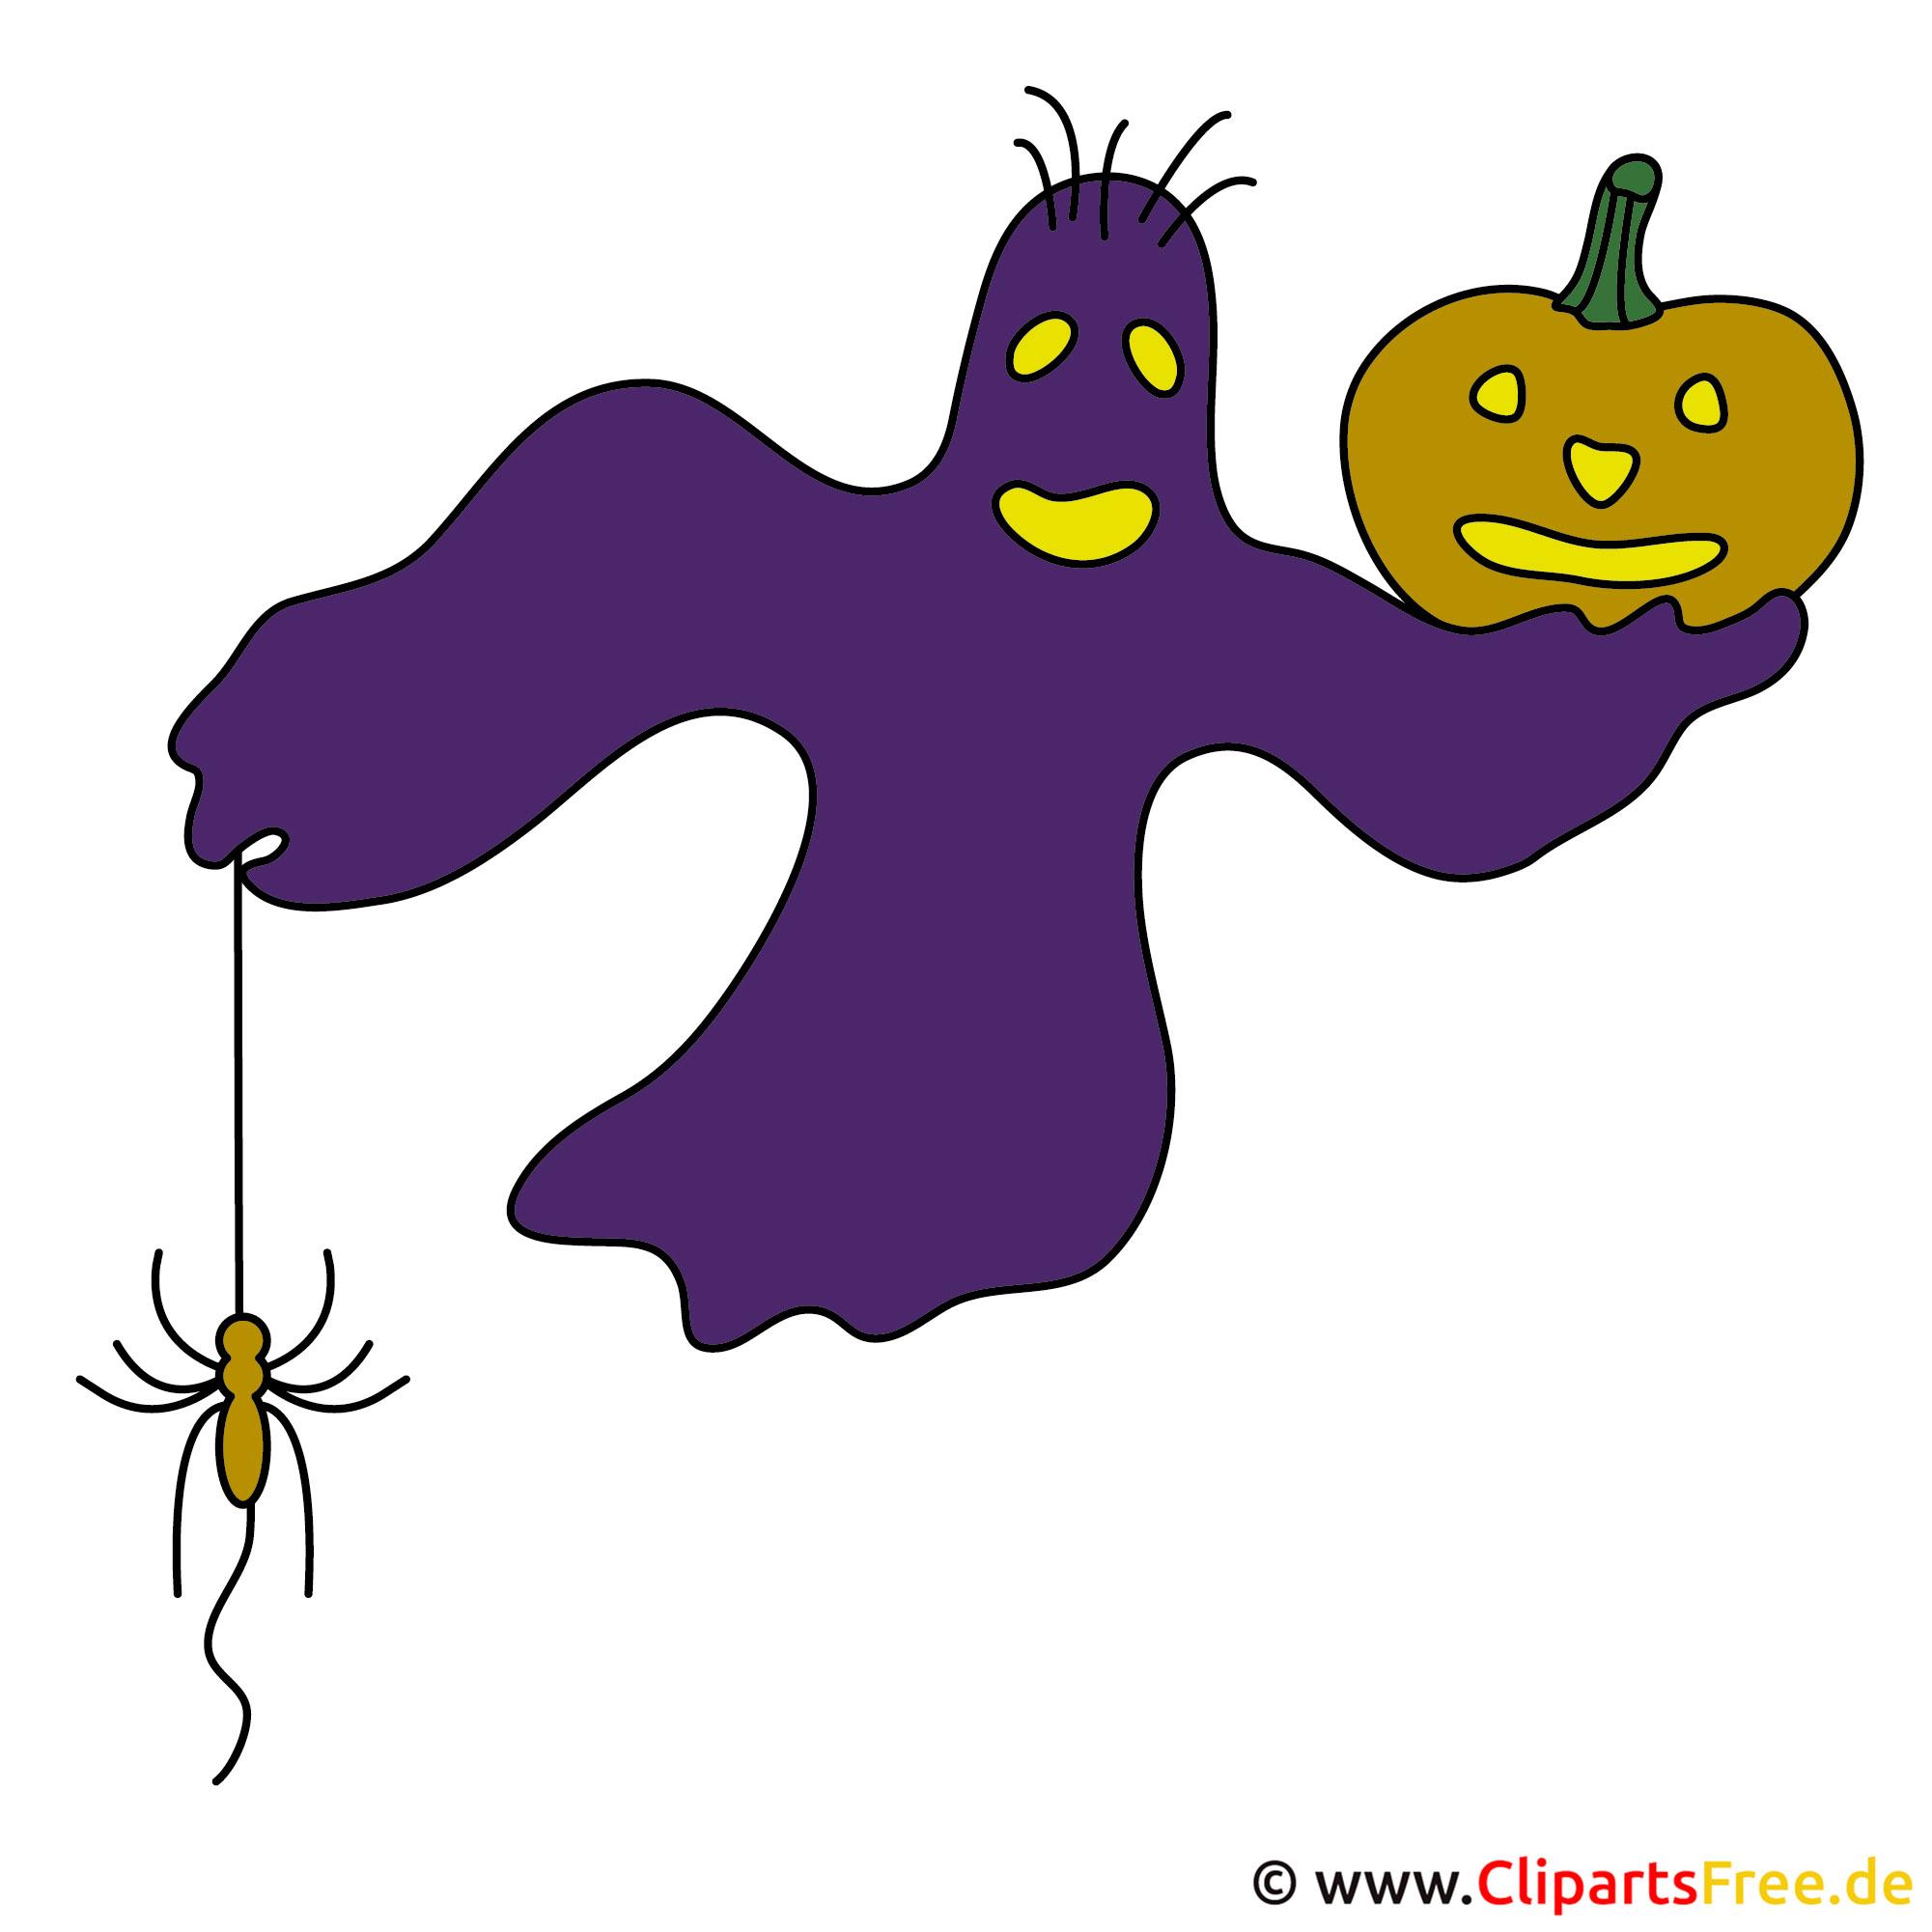 Kostume fur Halloween selbst basteln mit unseren Bildern